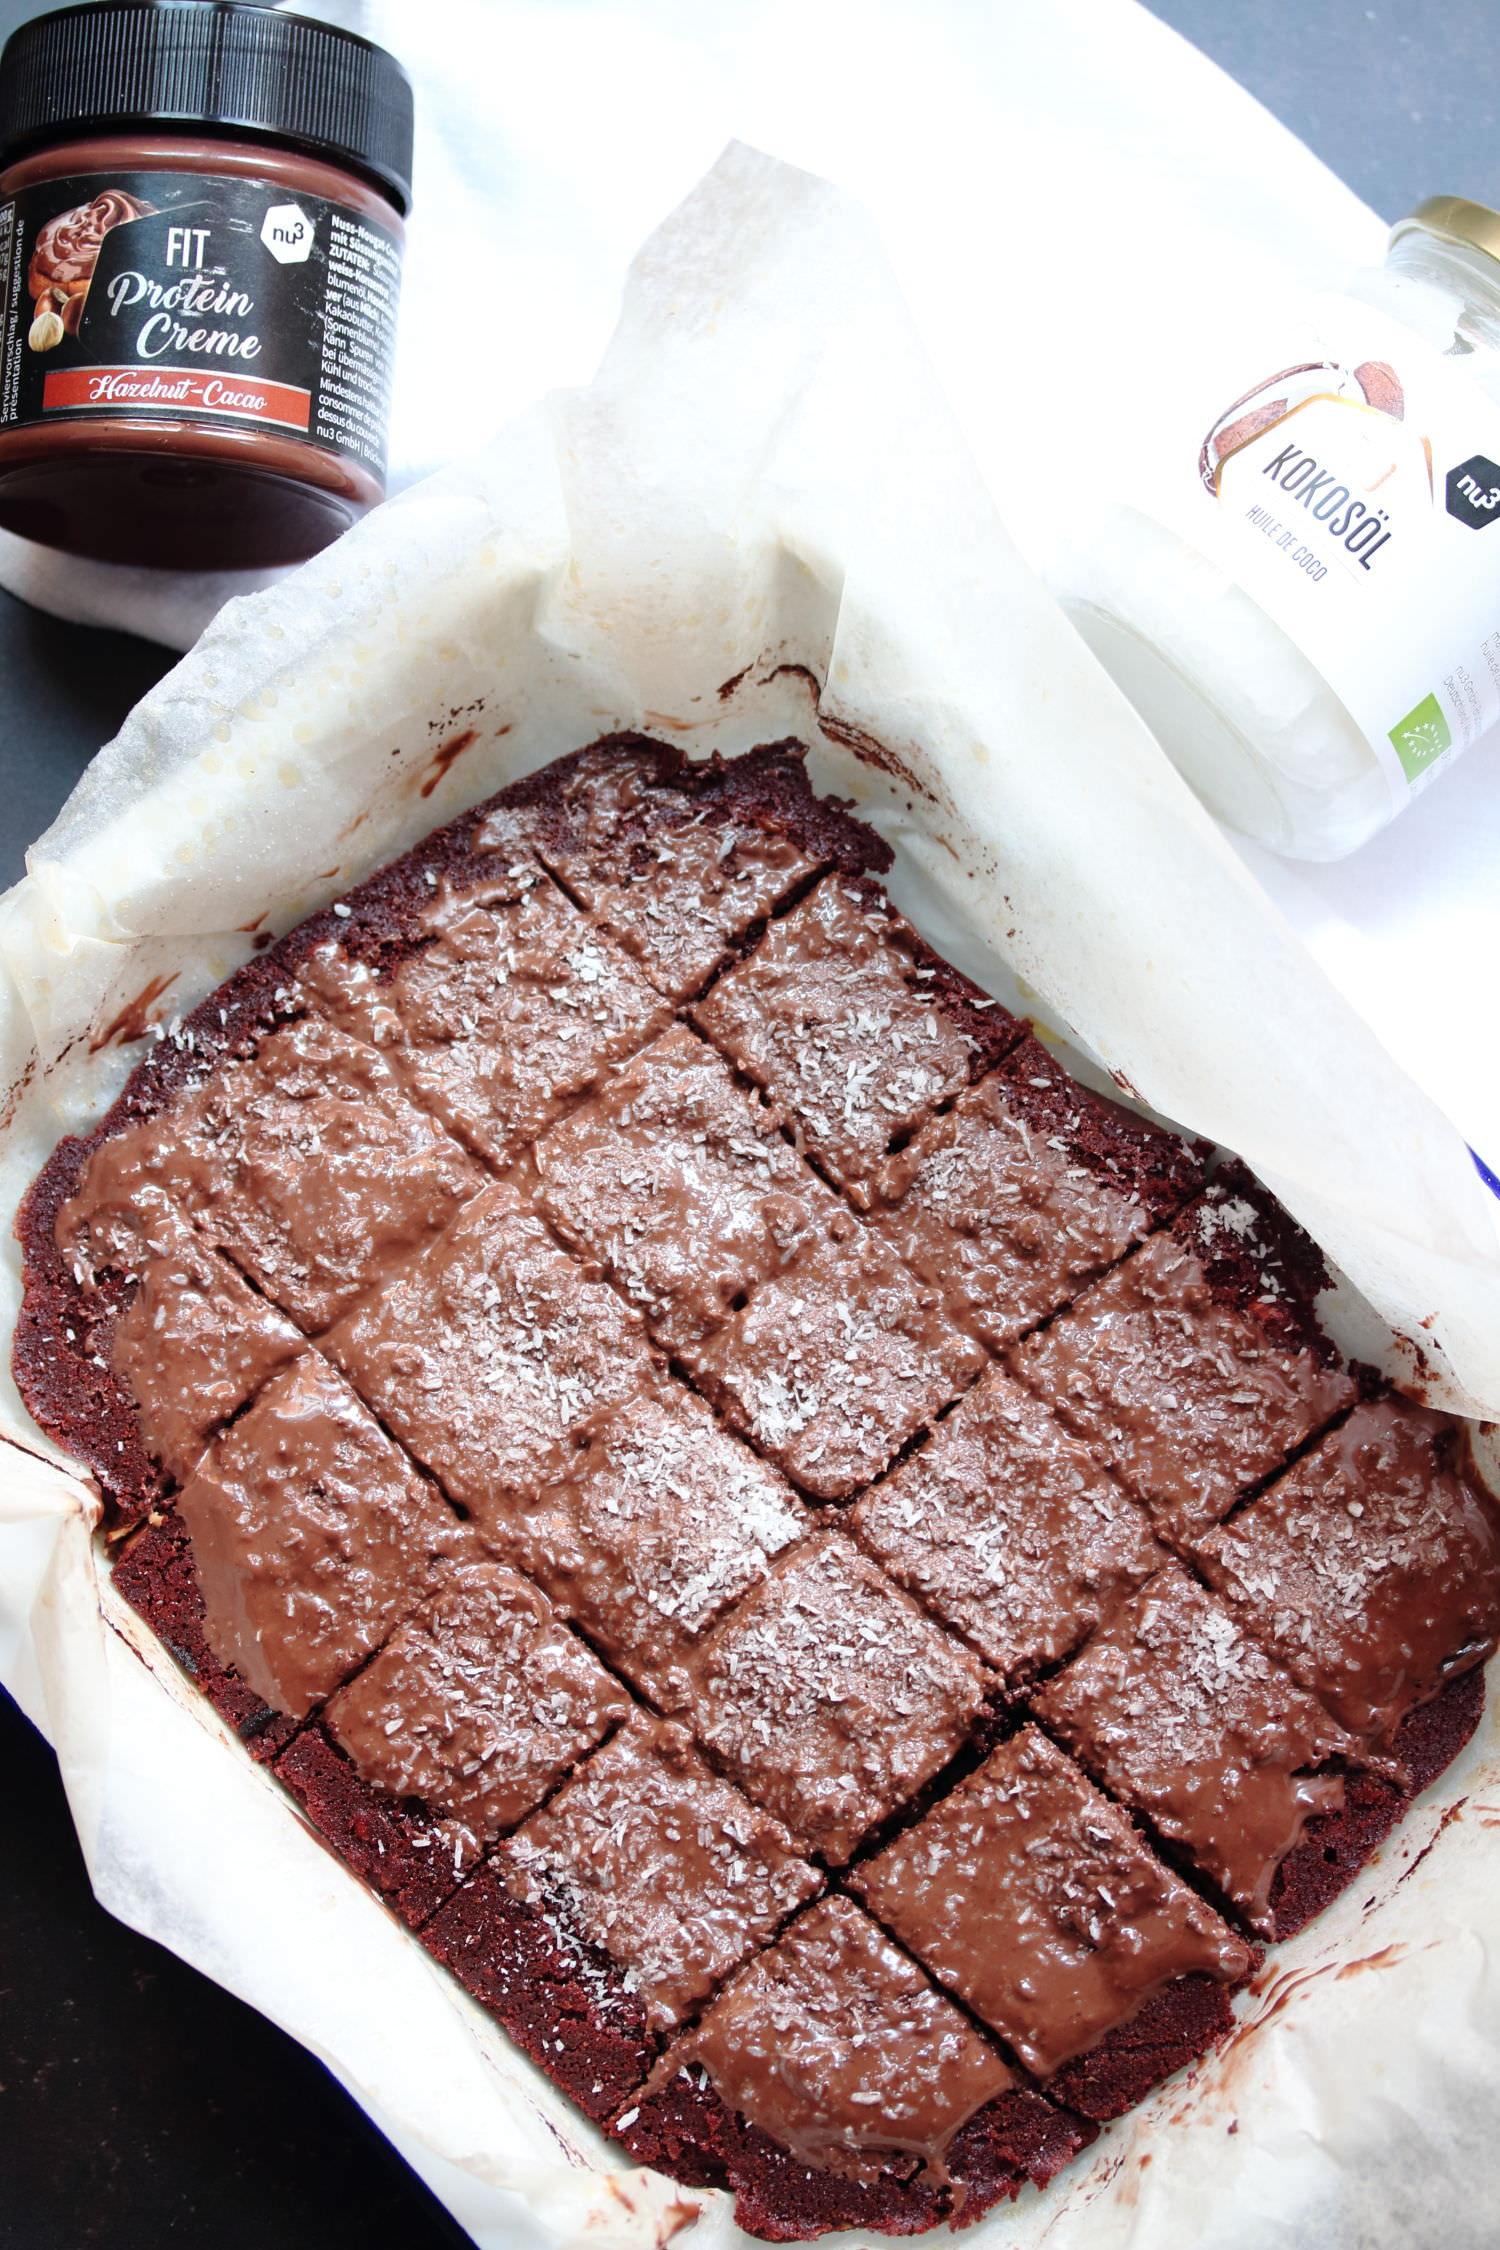 Dolci gusti brownie al cioccolato e olio di cocco dolci gusti - Olio di cocco cucina ...